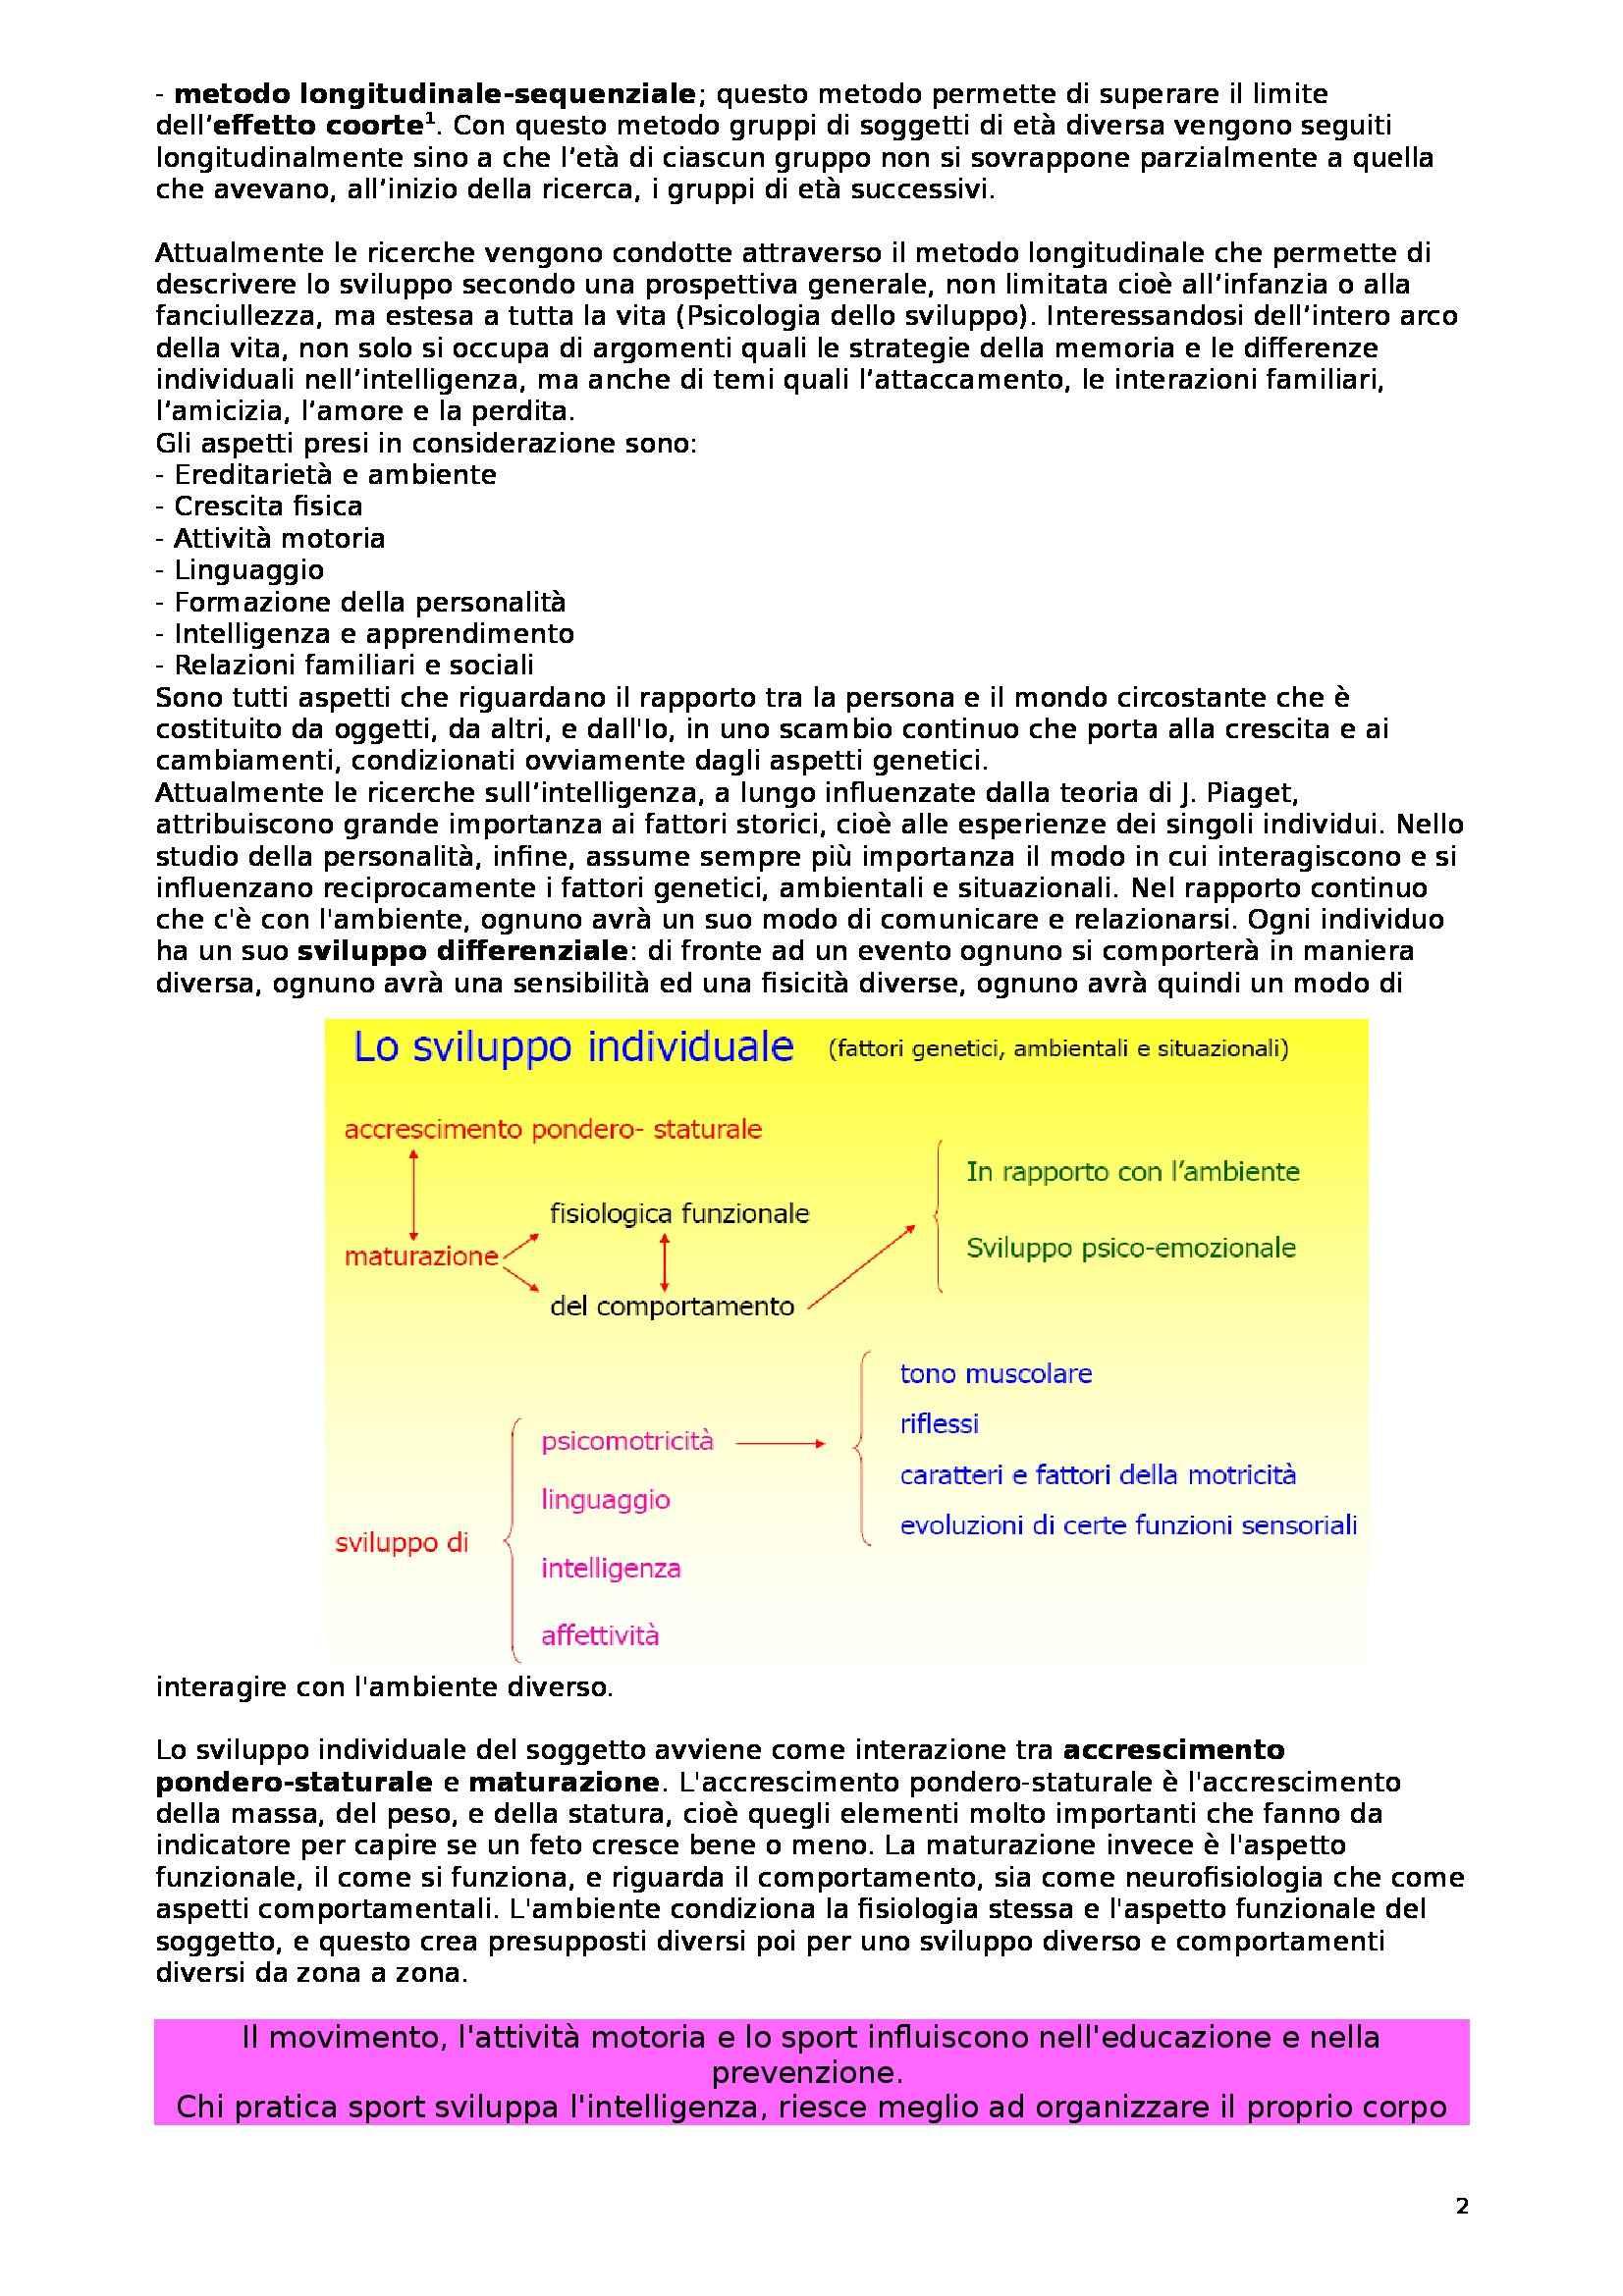 Teoria e metodologia del movimento umano - Appunti Pag. 2